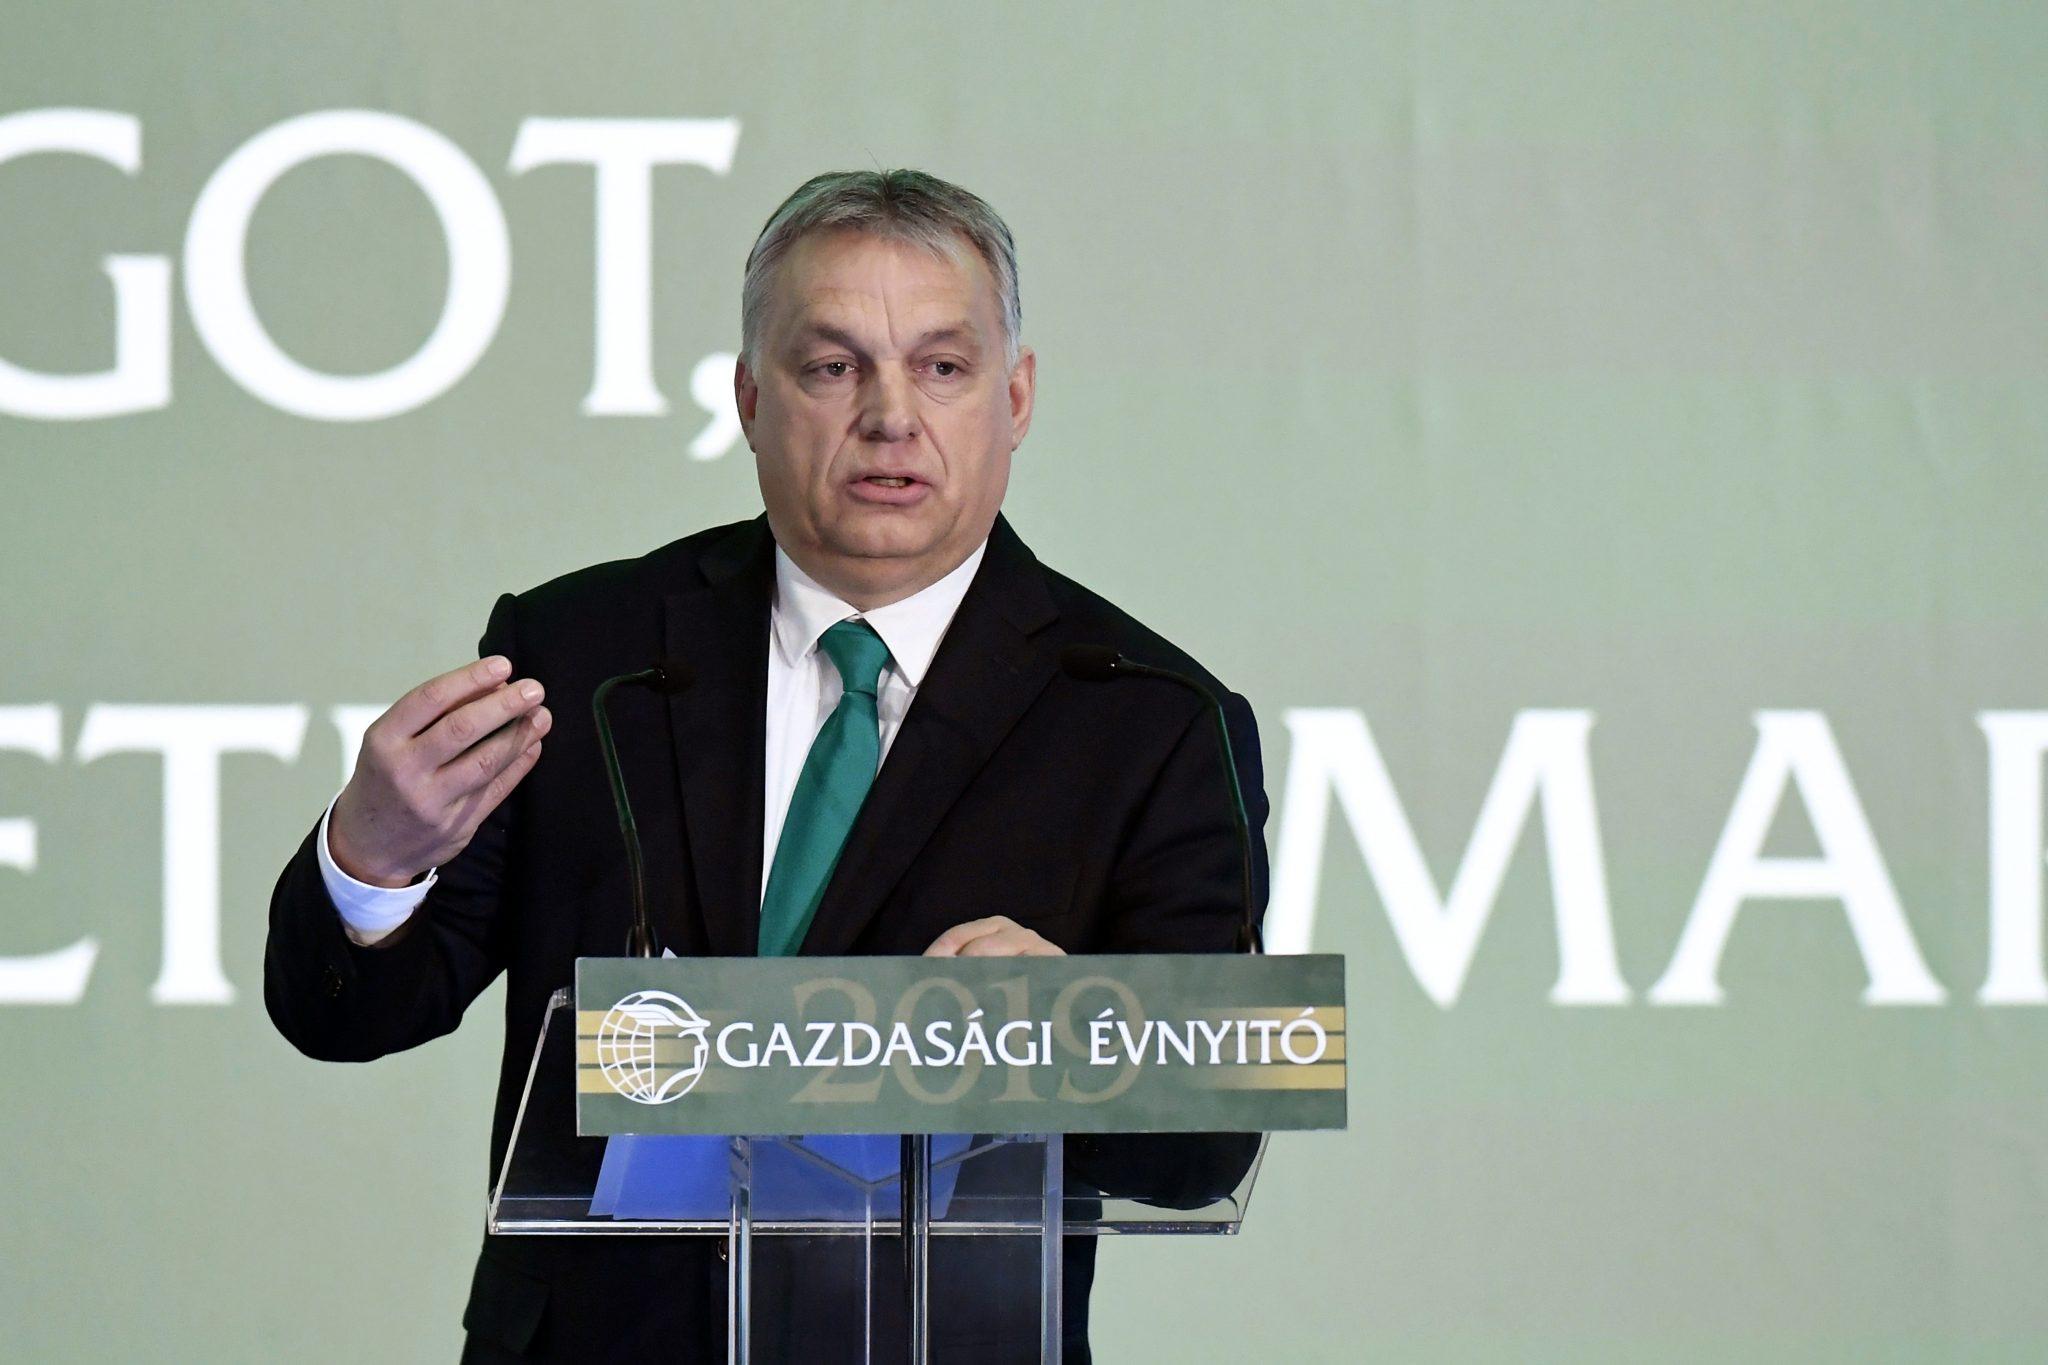 Hier ist Orbáns 6-Punkte-Plan, der Ungarn erfolgreich macht post's picture